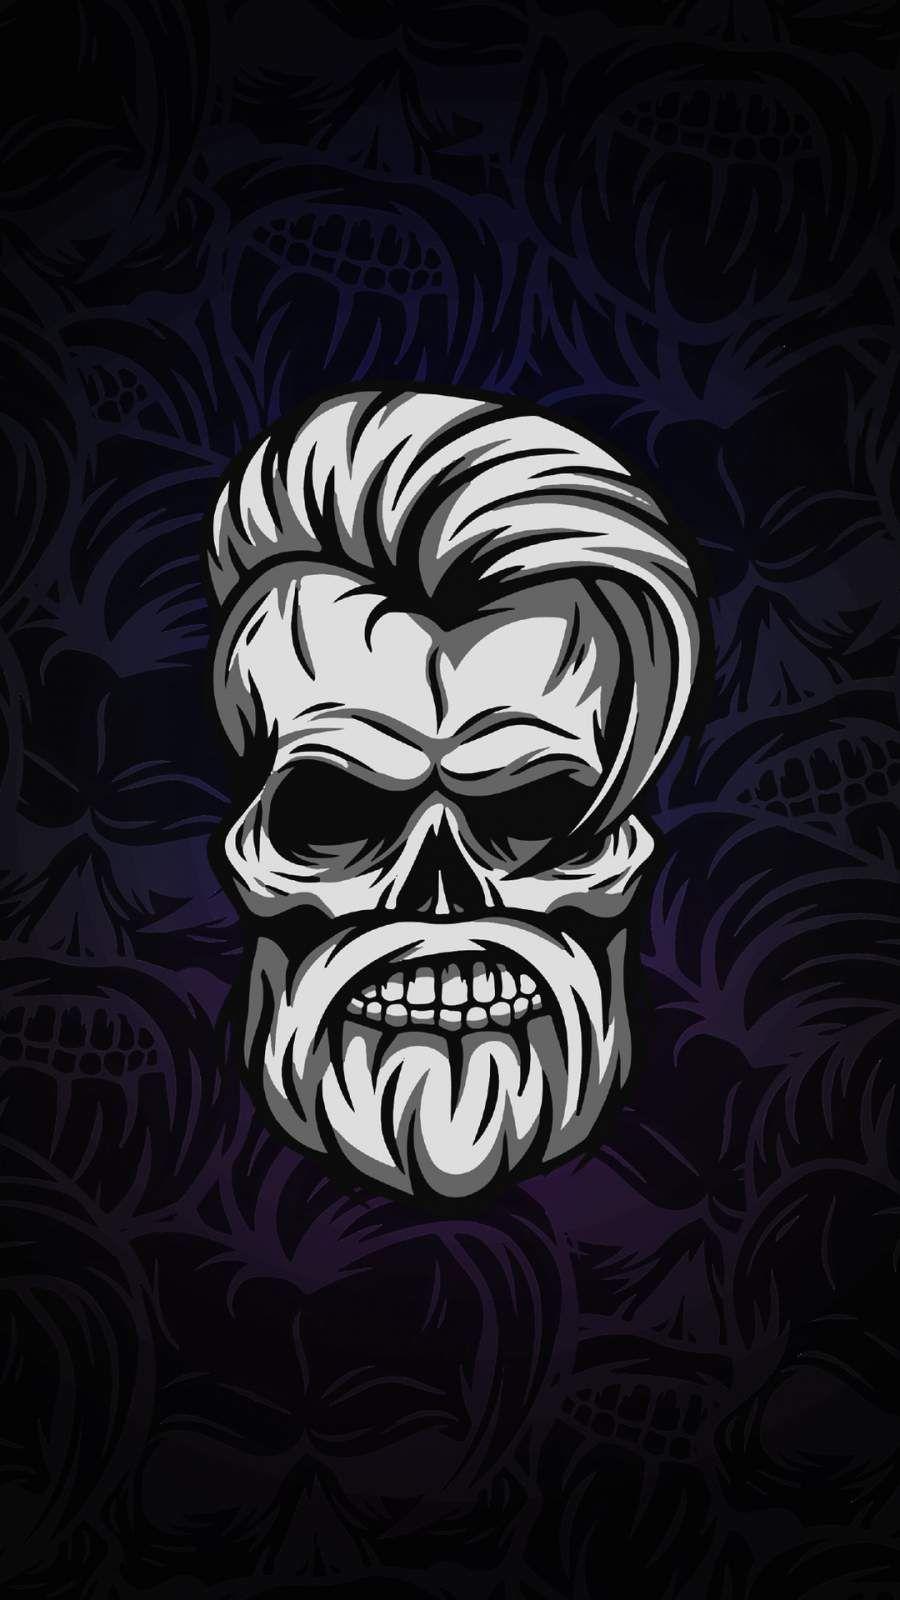 Beard Skull Iphone Wallpaper Skull Wallpaper Beard Wallpaper Skull Wallpaper Iphone